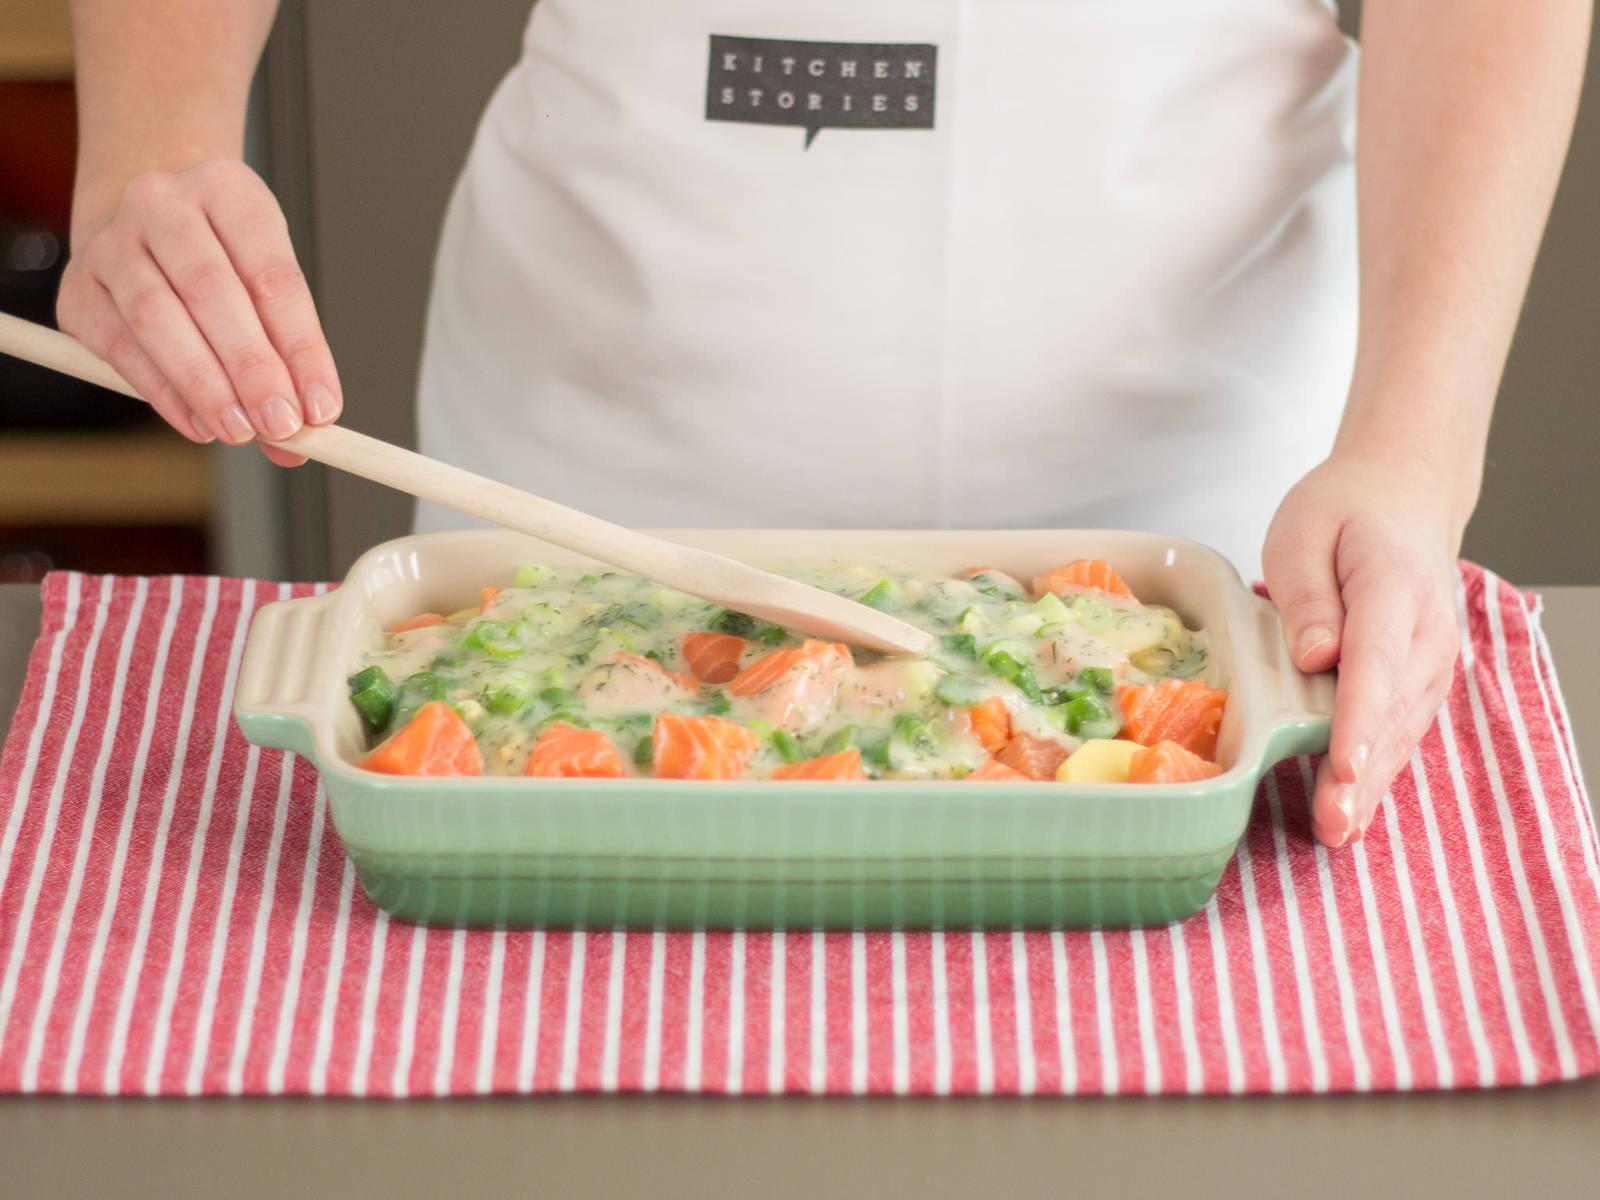 Alle Zutaten in eine ofenfeste Form geben, mit Salz und Pfeffer würzen und bei 200°C ca. 10 - 15 Min. in den Backofen geben. Guten Appetit!